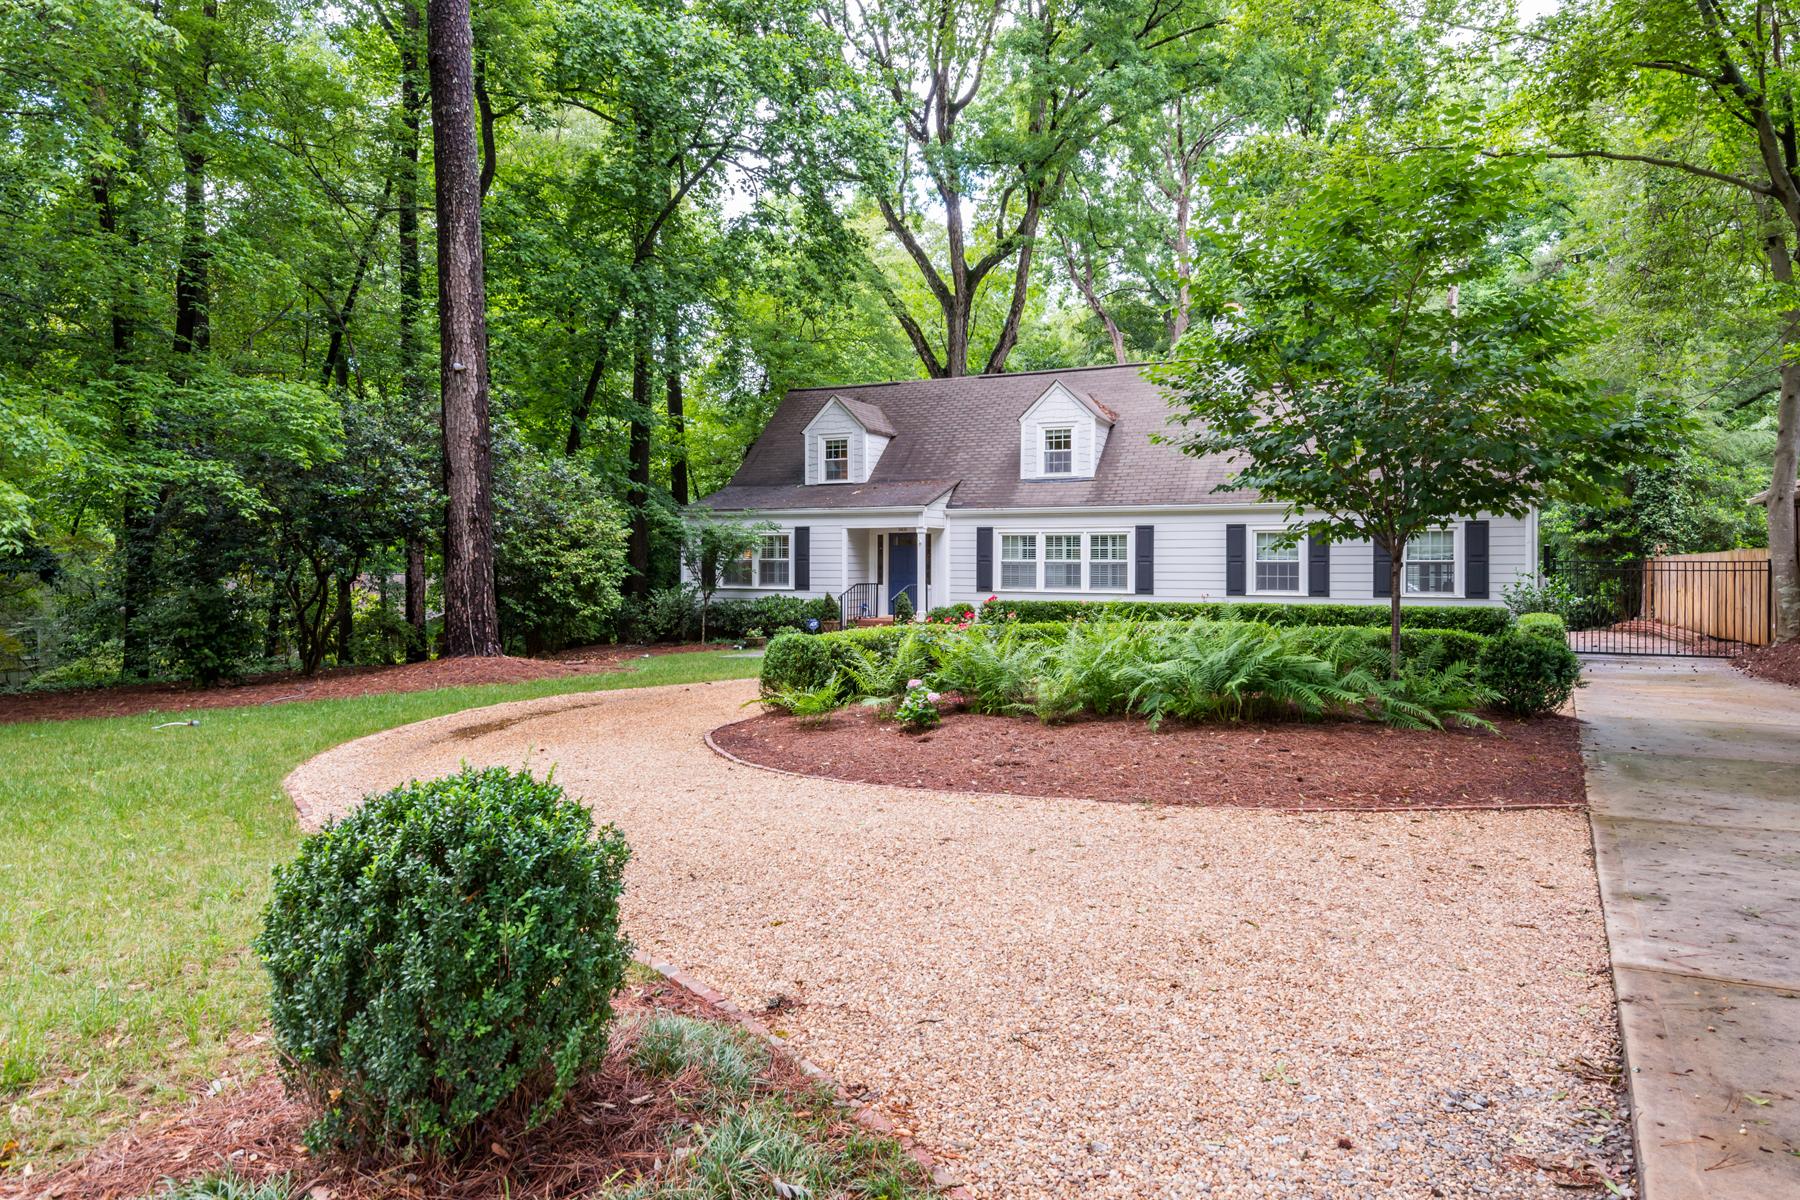 独户住宅 为 销售 在 Inviting, Spacious, Light-Infused Cape Cod 1403 Moores Mill Road NW 亚特兰大, 乔治亚州, 30327 美国